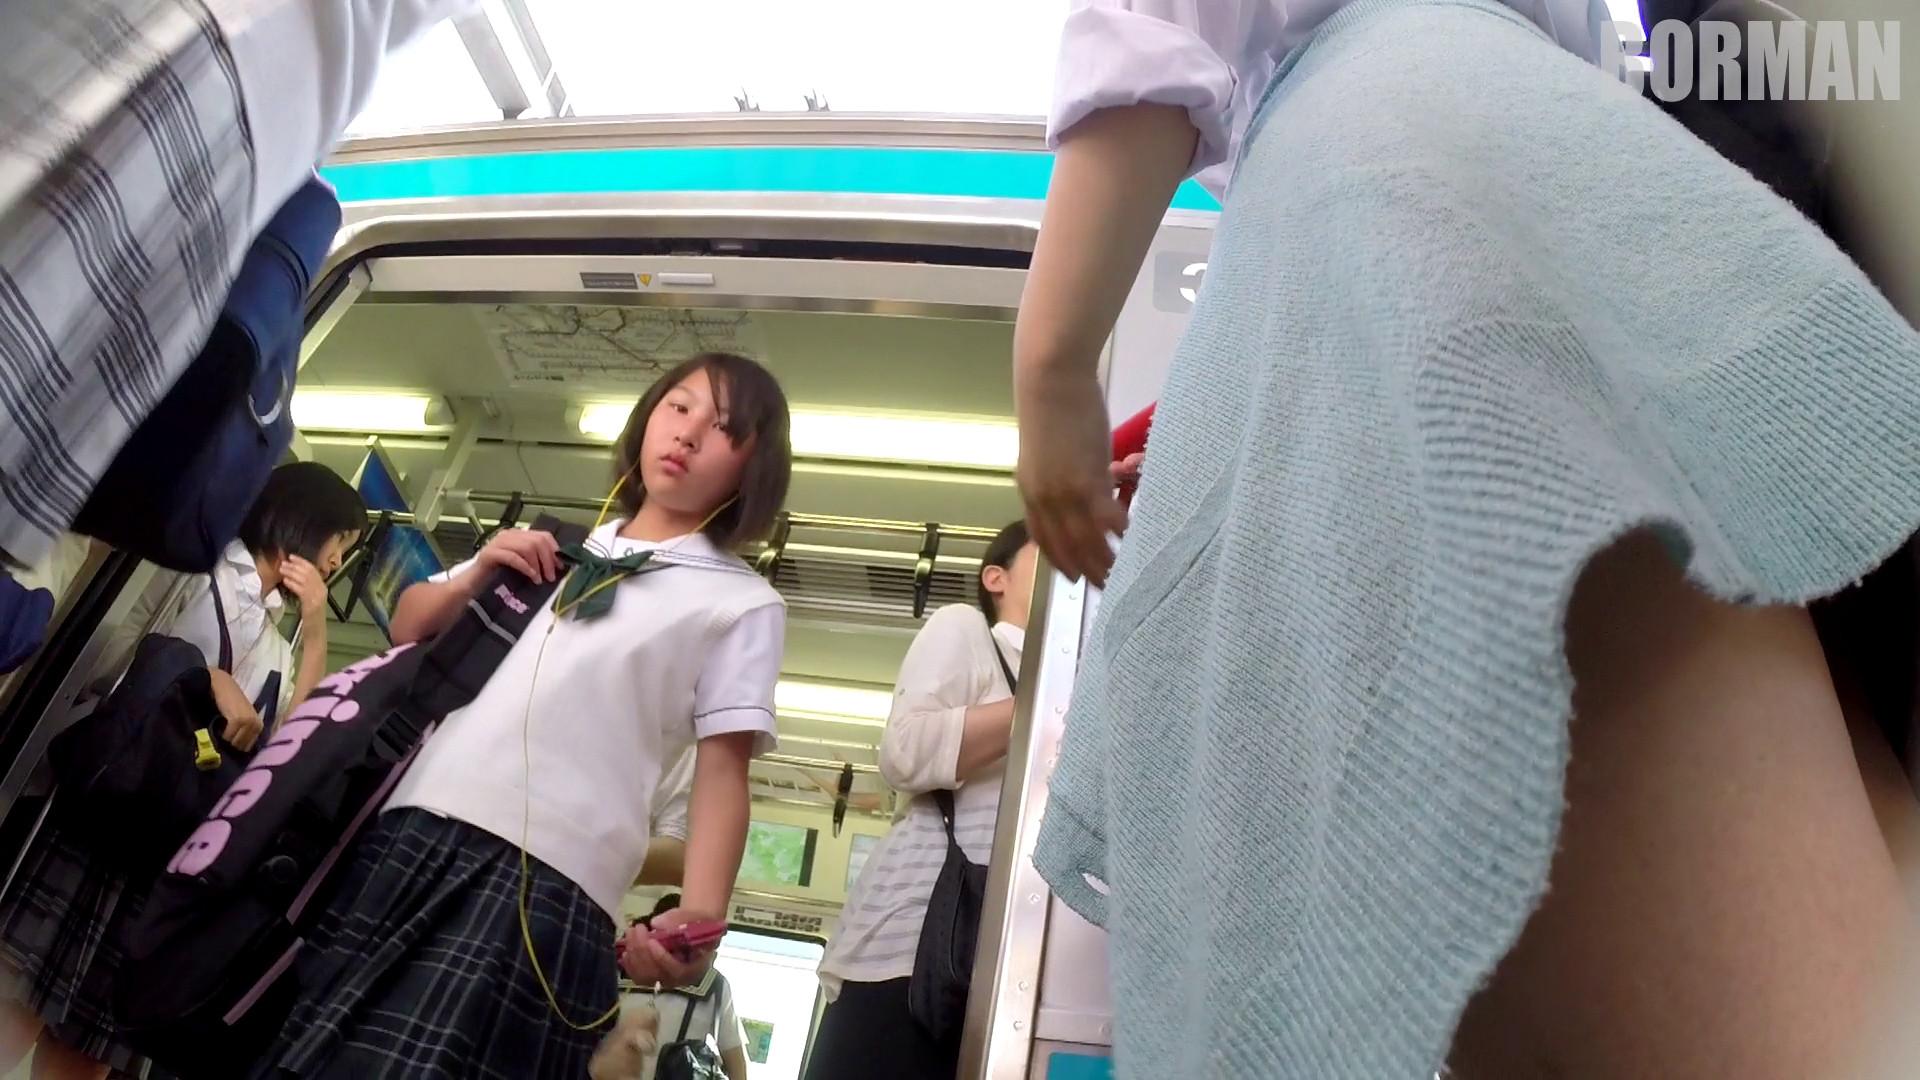 無防備なJKの後ろを付けて電車内で生パンチラじっくり盗撮wwww 0022dcb1